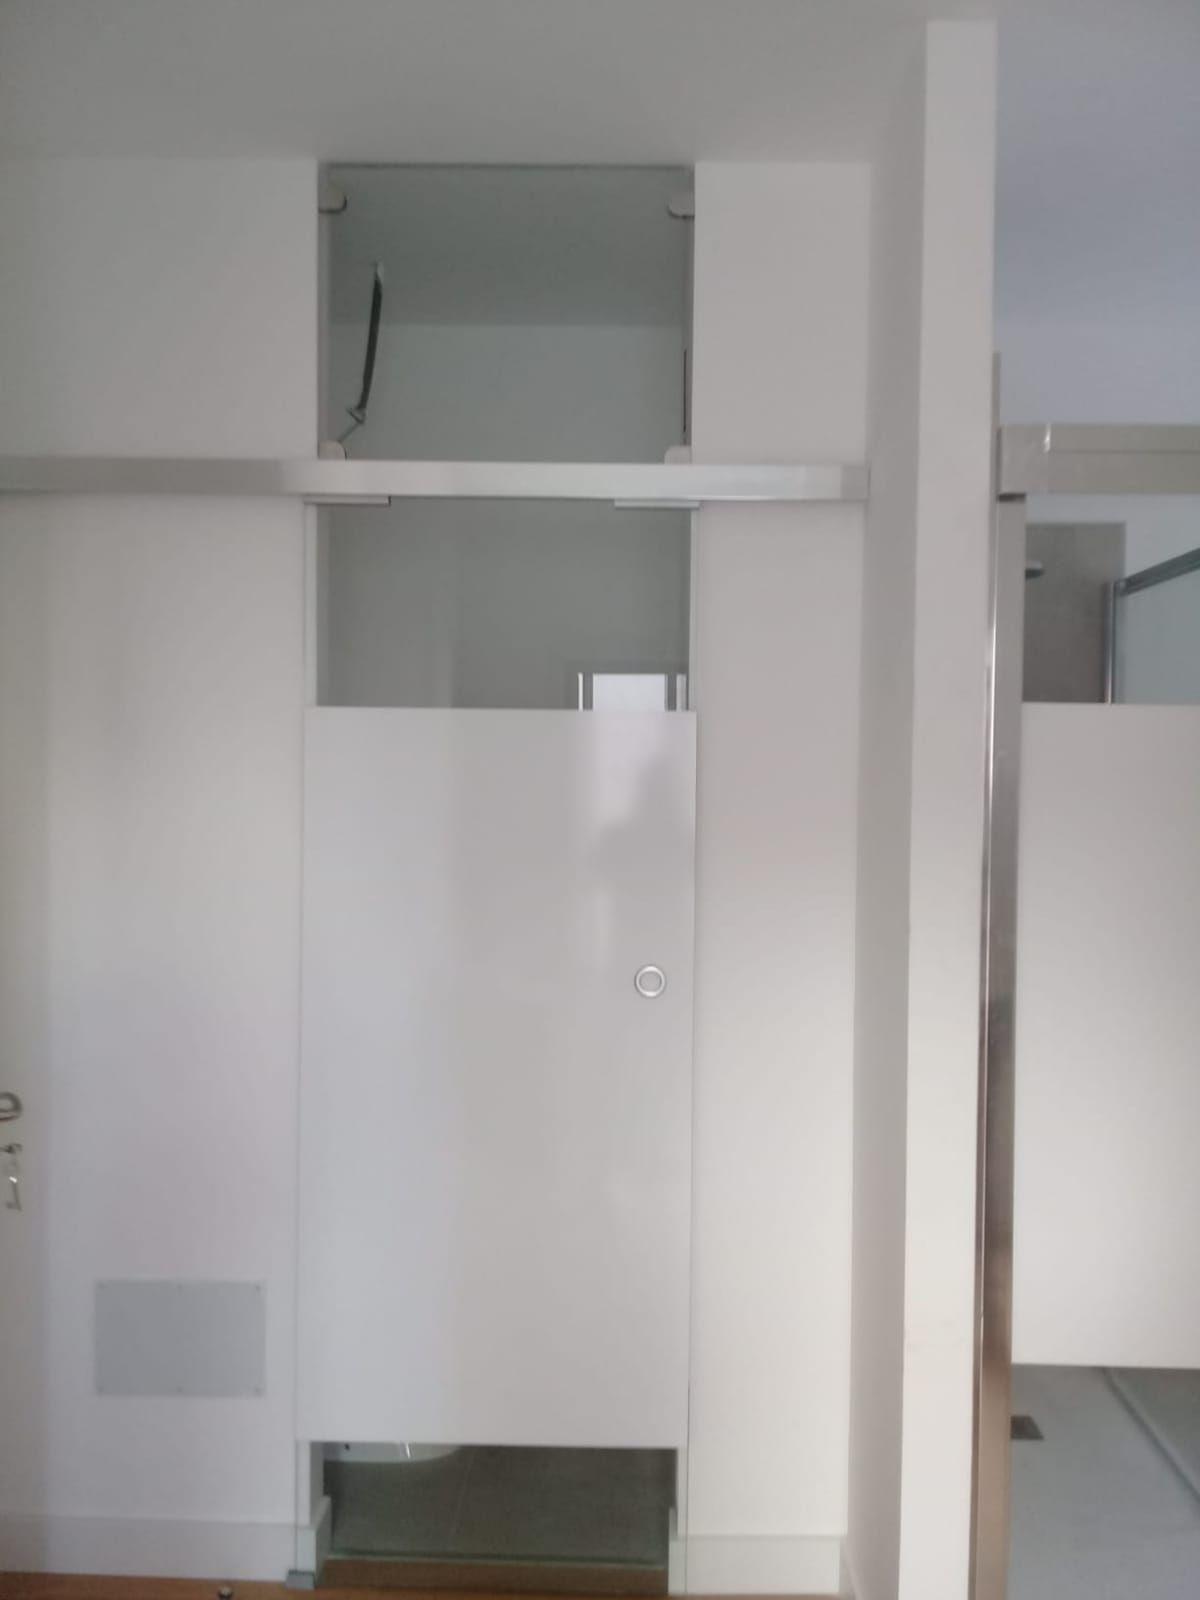 Foto 39 de Carpintería de aluminio, metálica y PVC en La Matanza | Namiju Aluminios